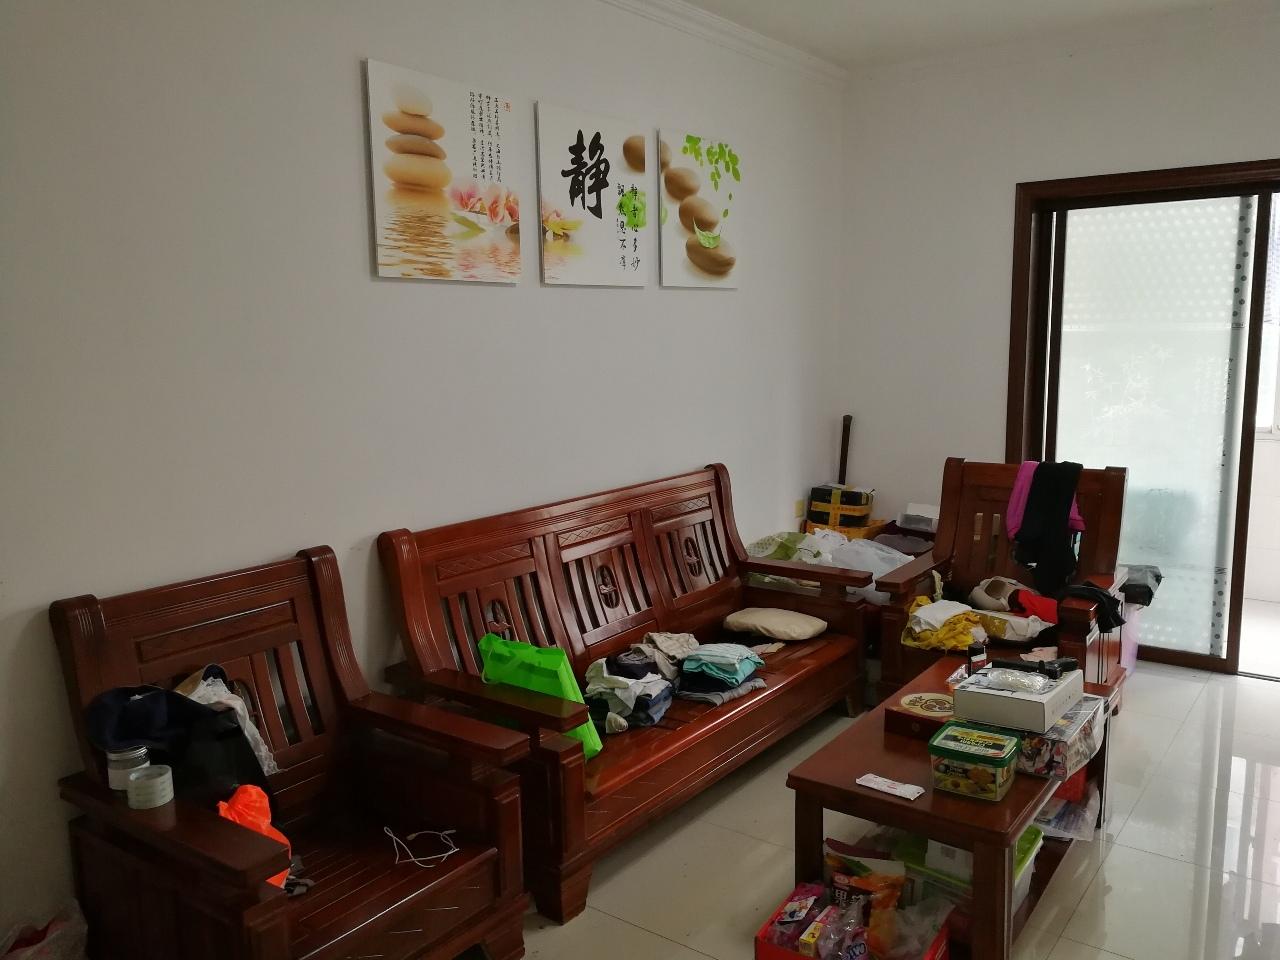 清华苑3室2厅115平米南北通透双阳台77.8万元